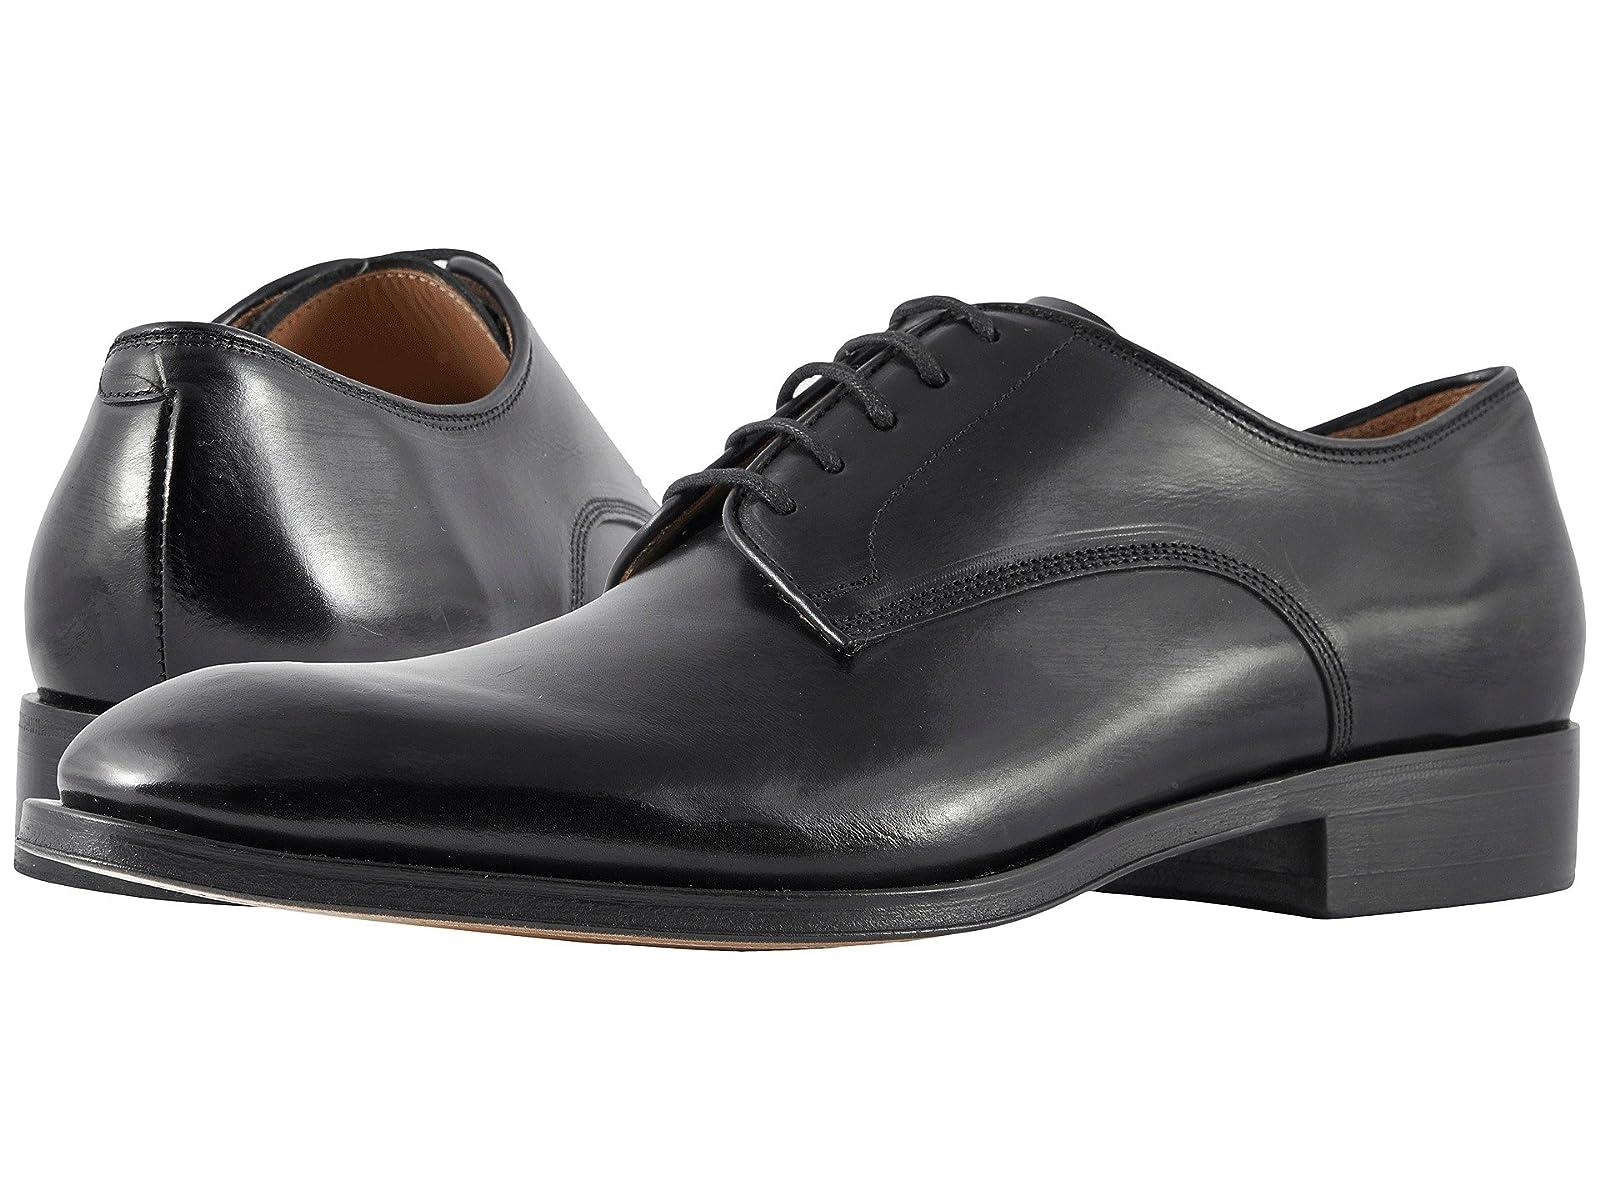 Allen Edmonds CorsicoAtmospheric grades have affordable shoes